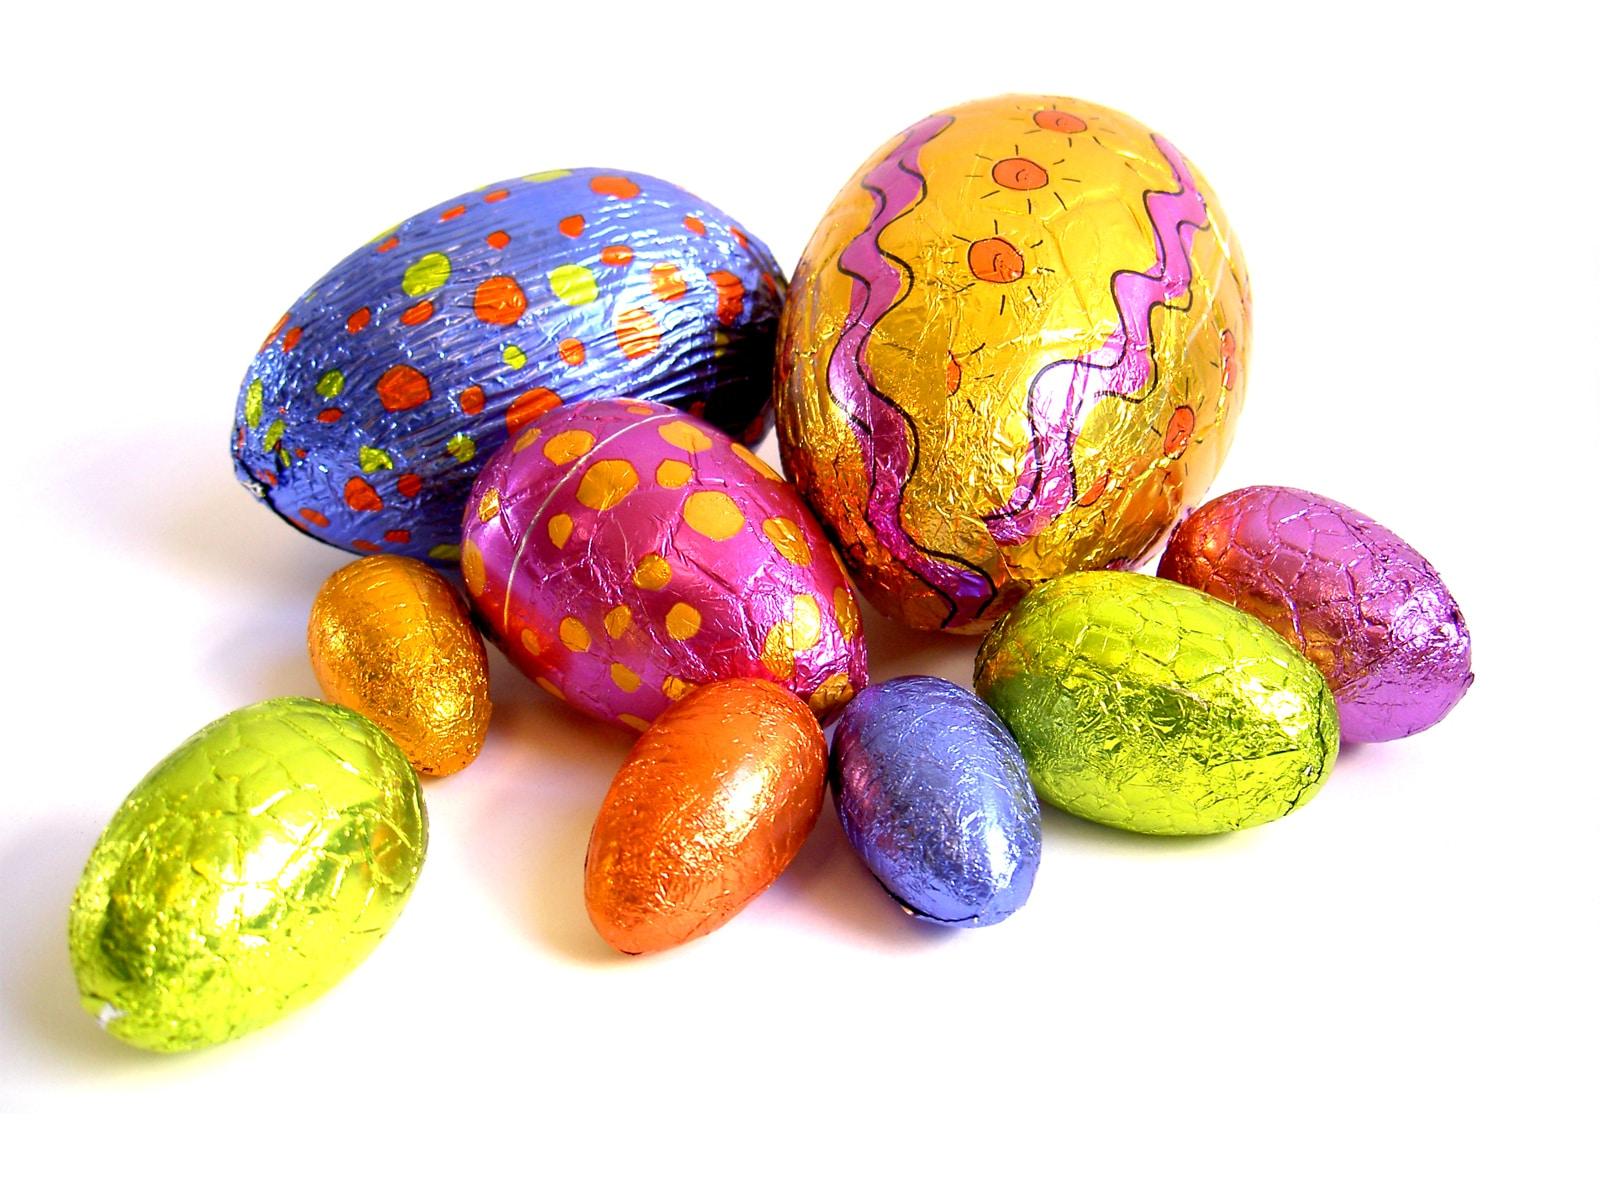 Voyagez pour fêter Pâques autrement